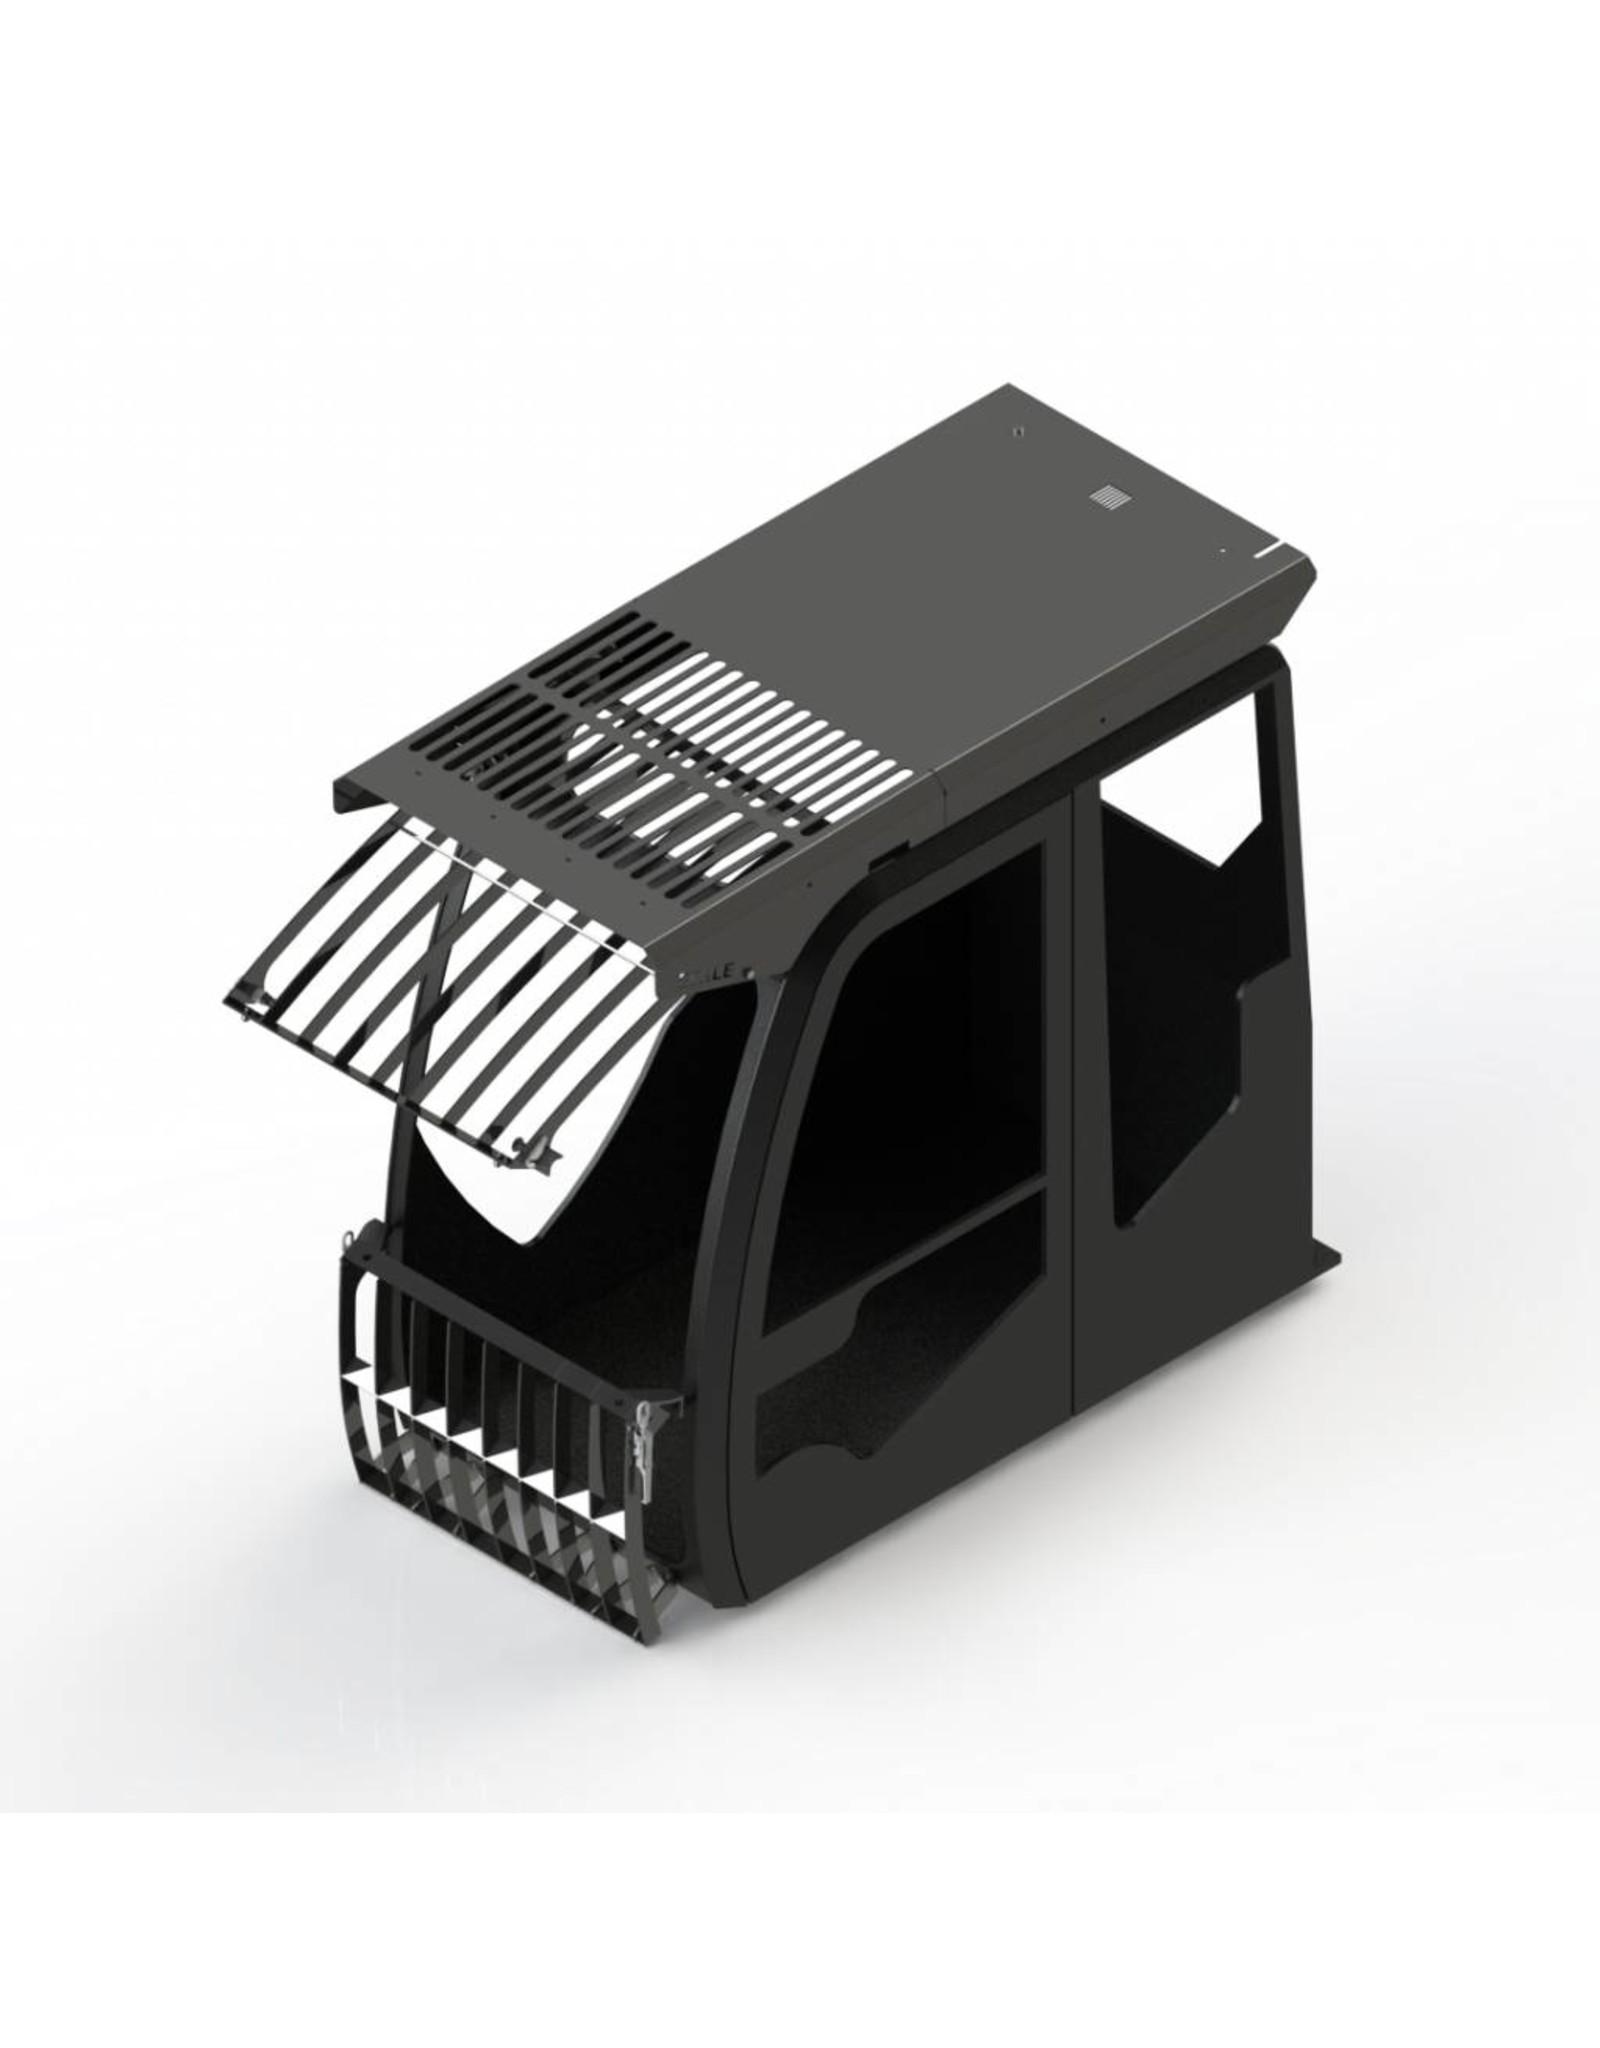 Echle Hartstahl GmbH FOPS pour Liebherr A 910 Compact